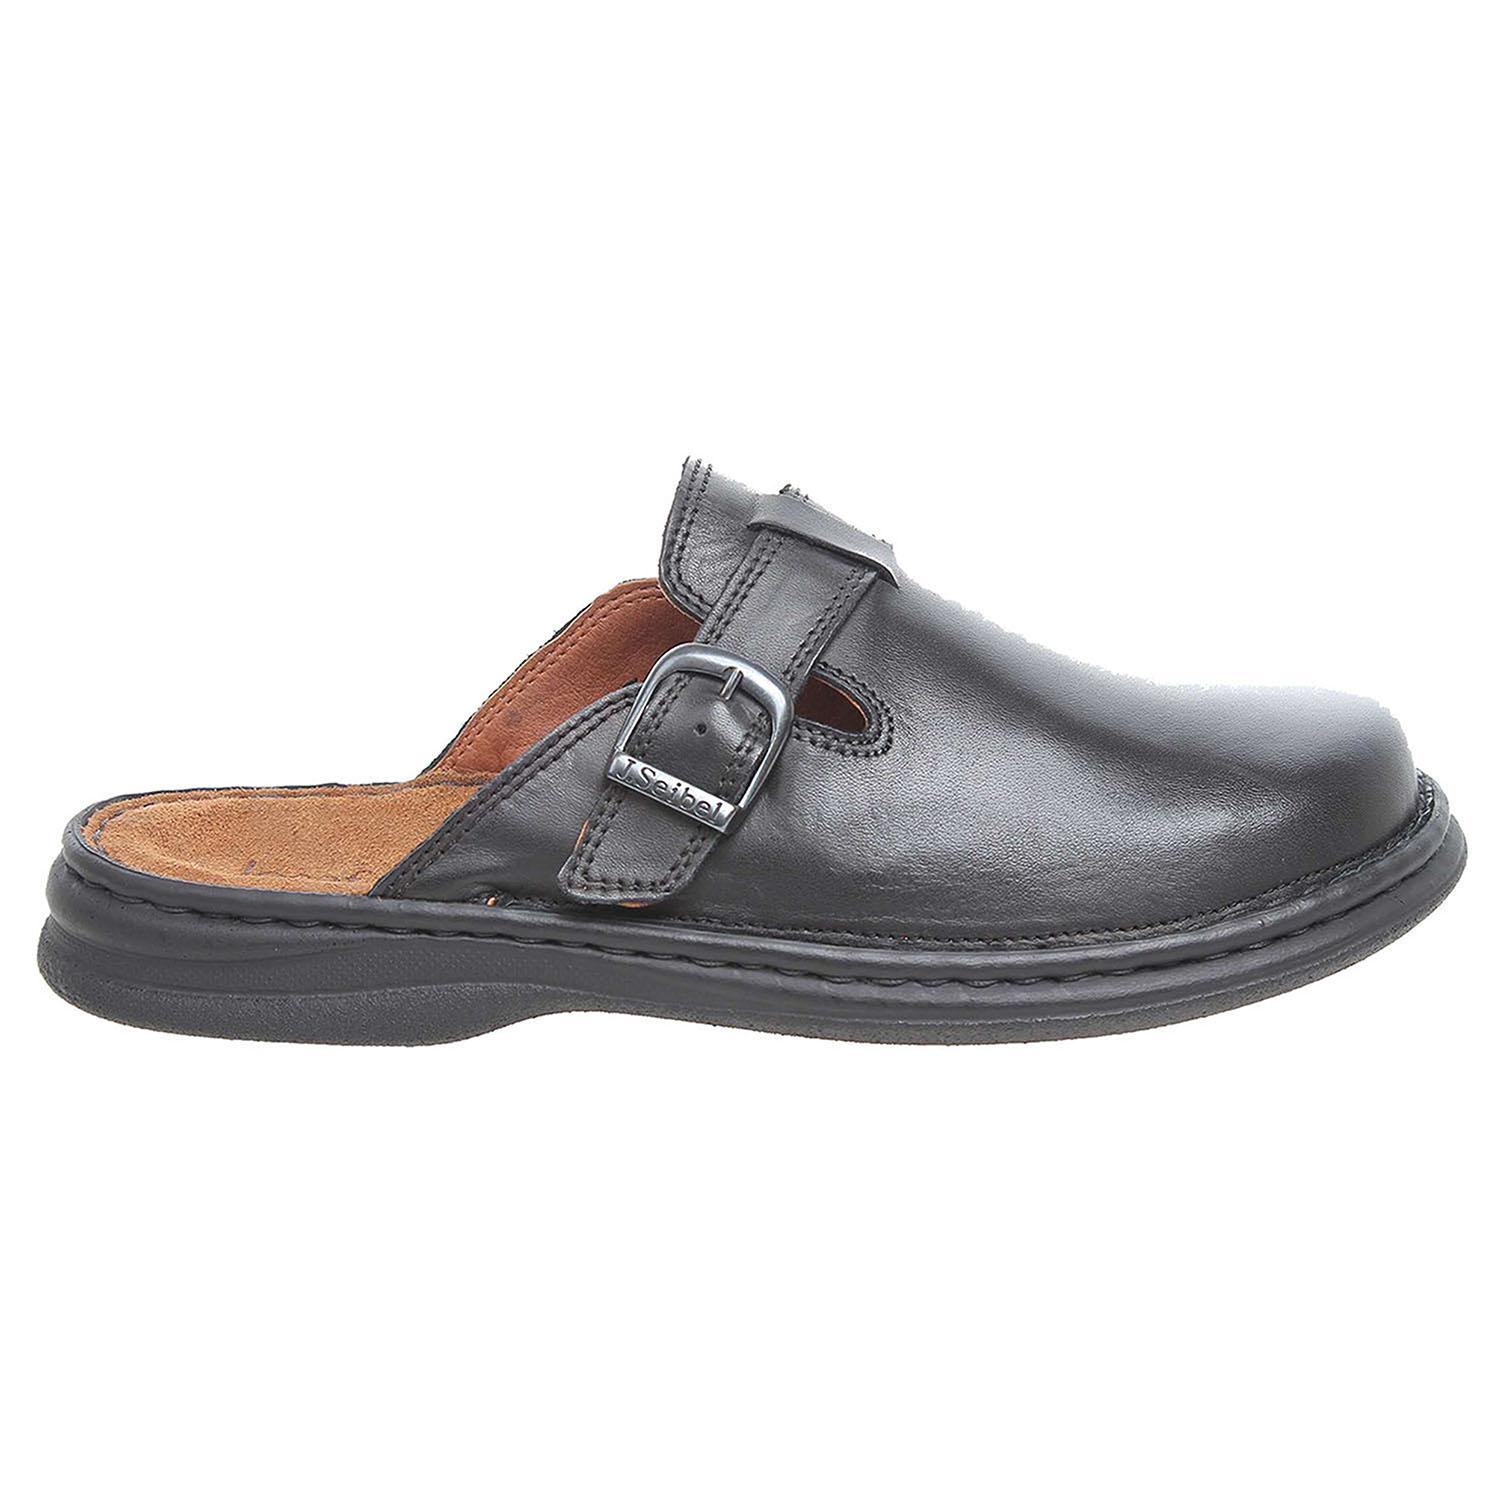 Josef Seibel pánské pantofle 10122 37600 černé 42